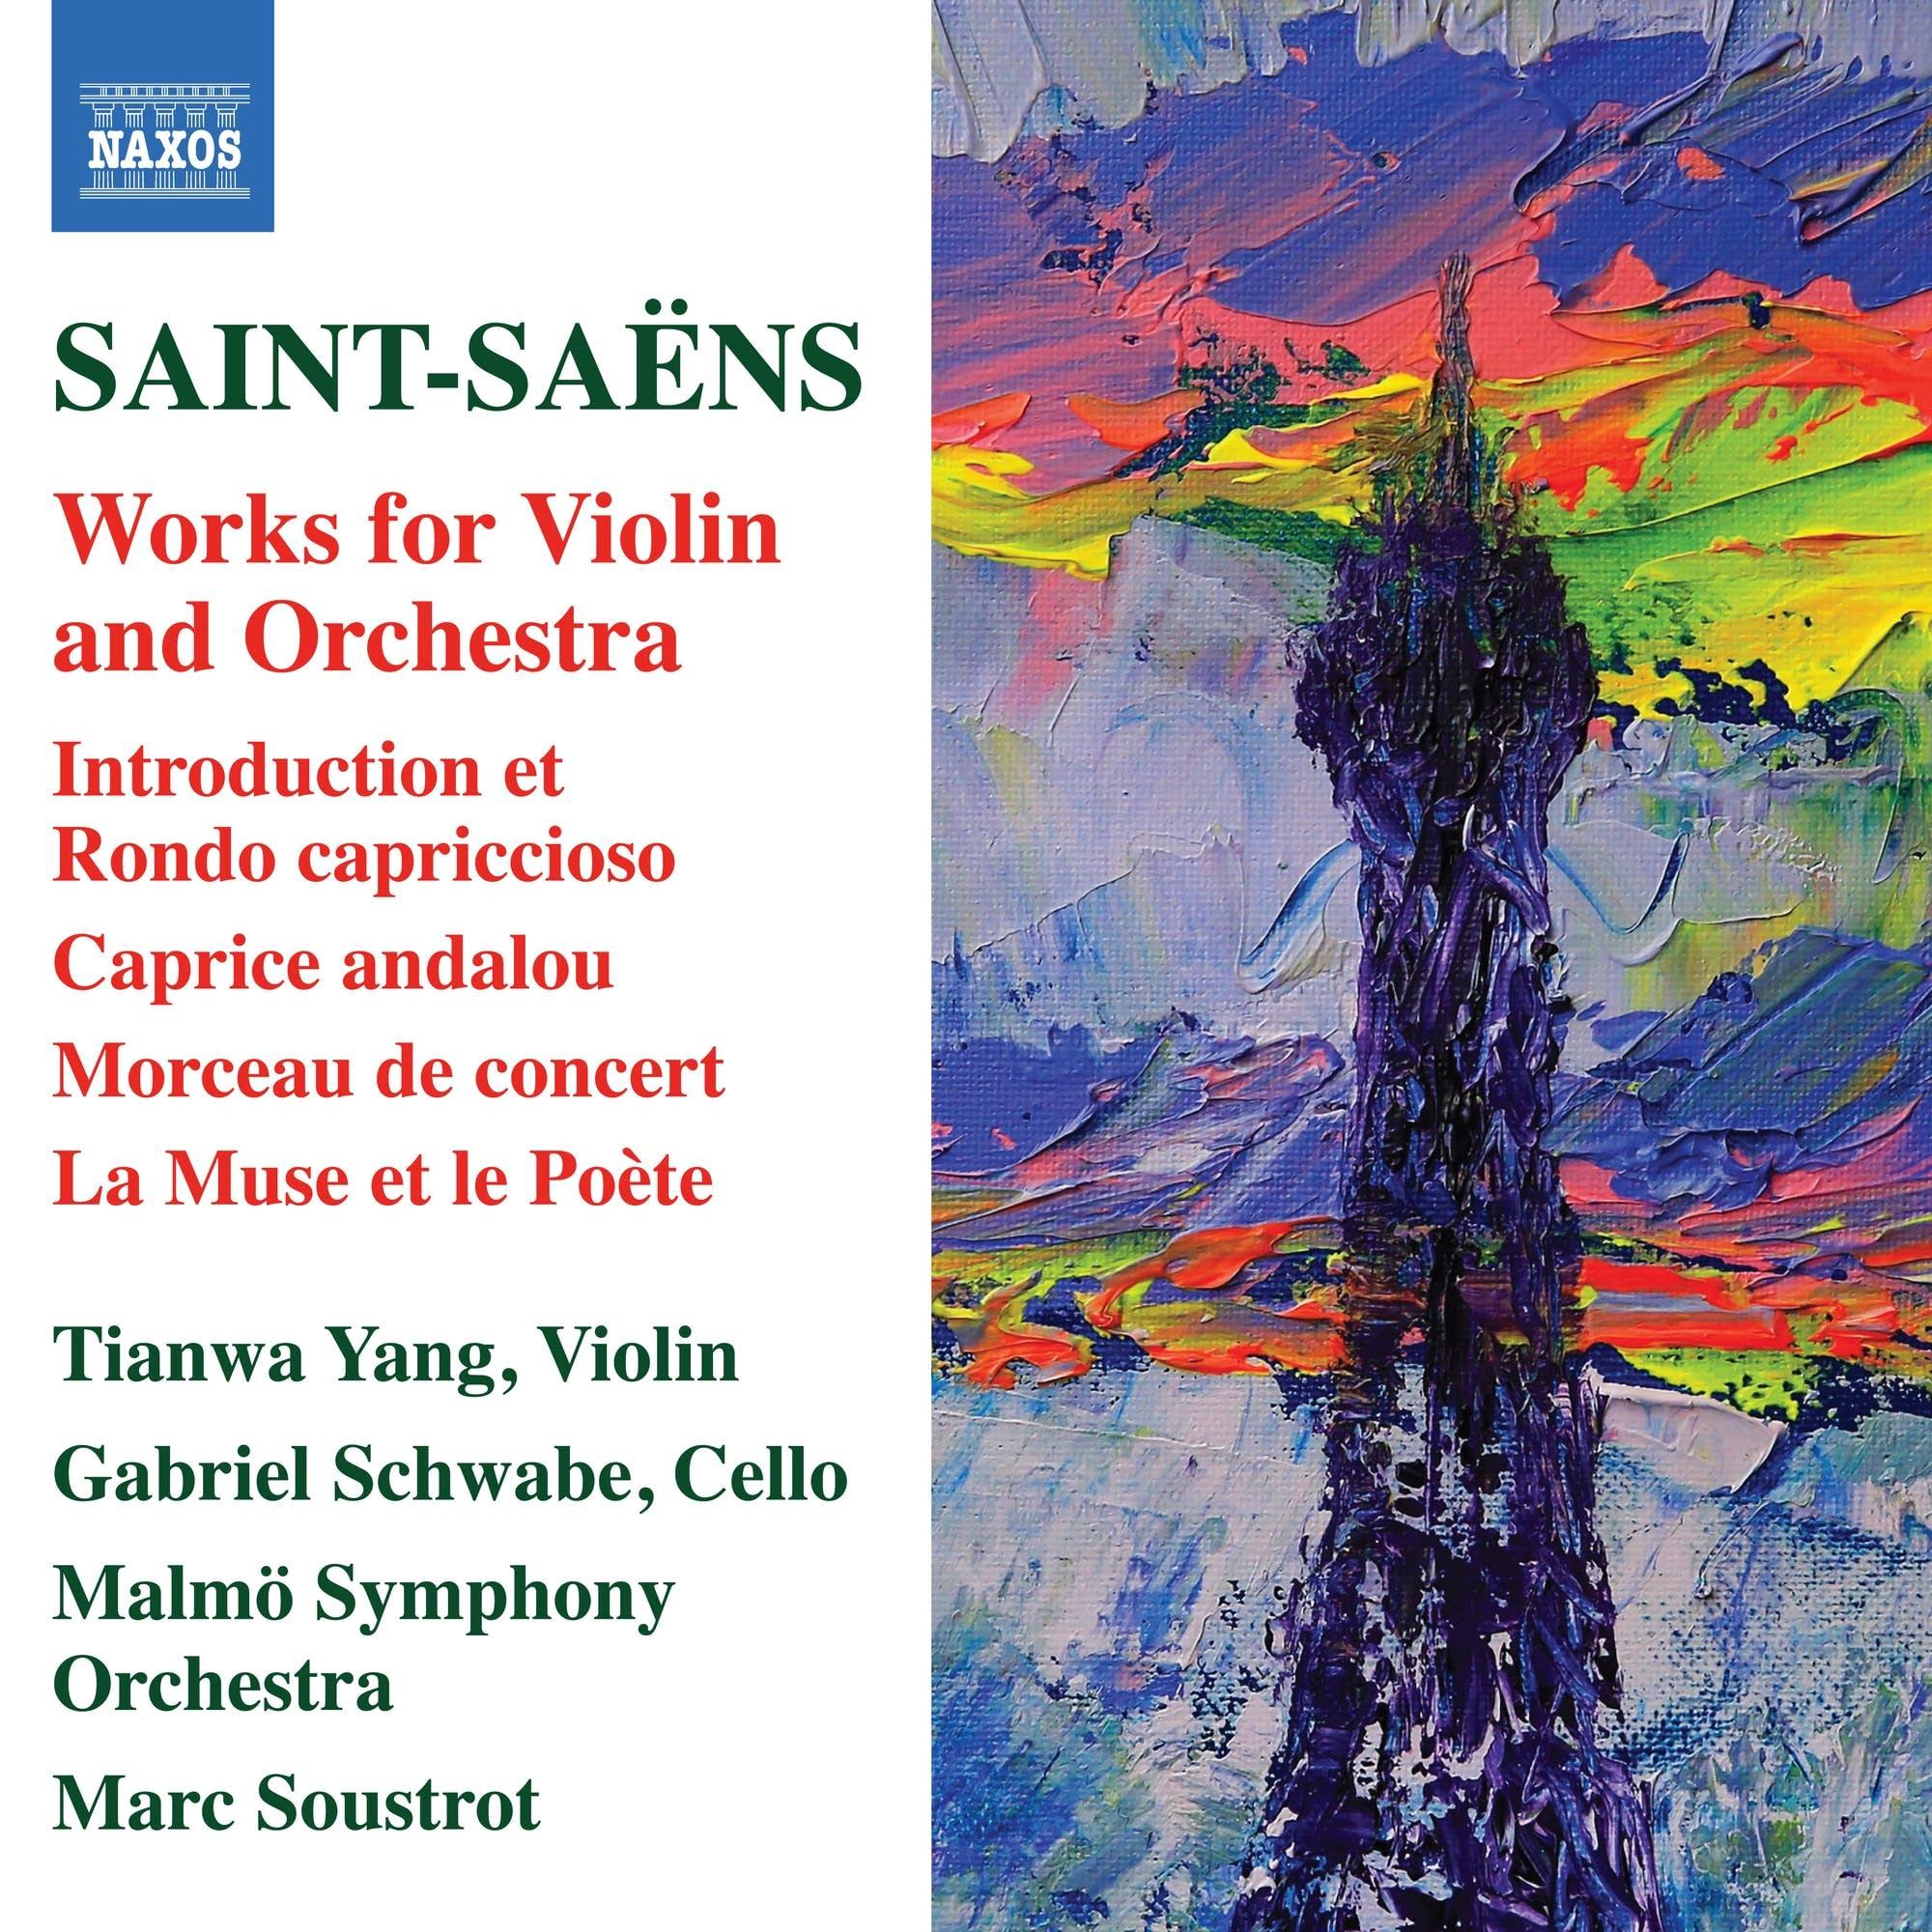 Saint-Saens - Introduction et Rondo